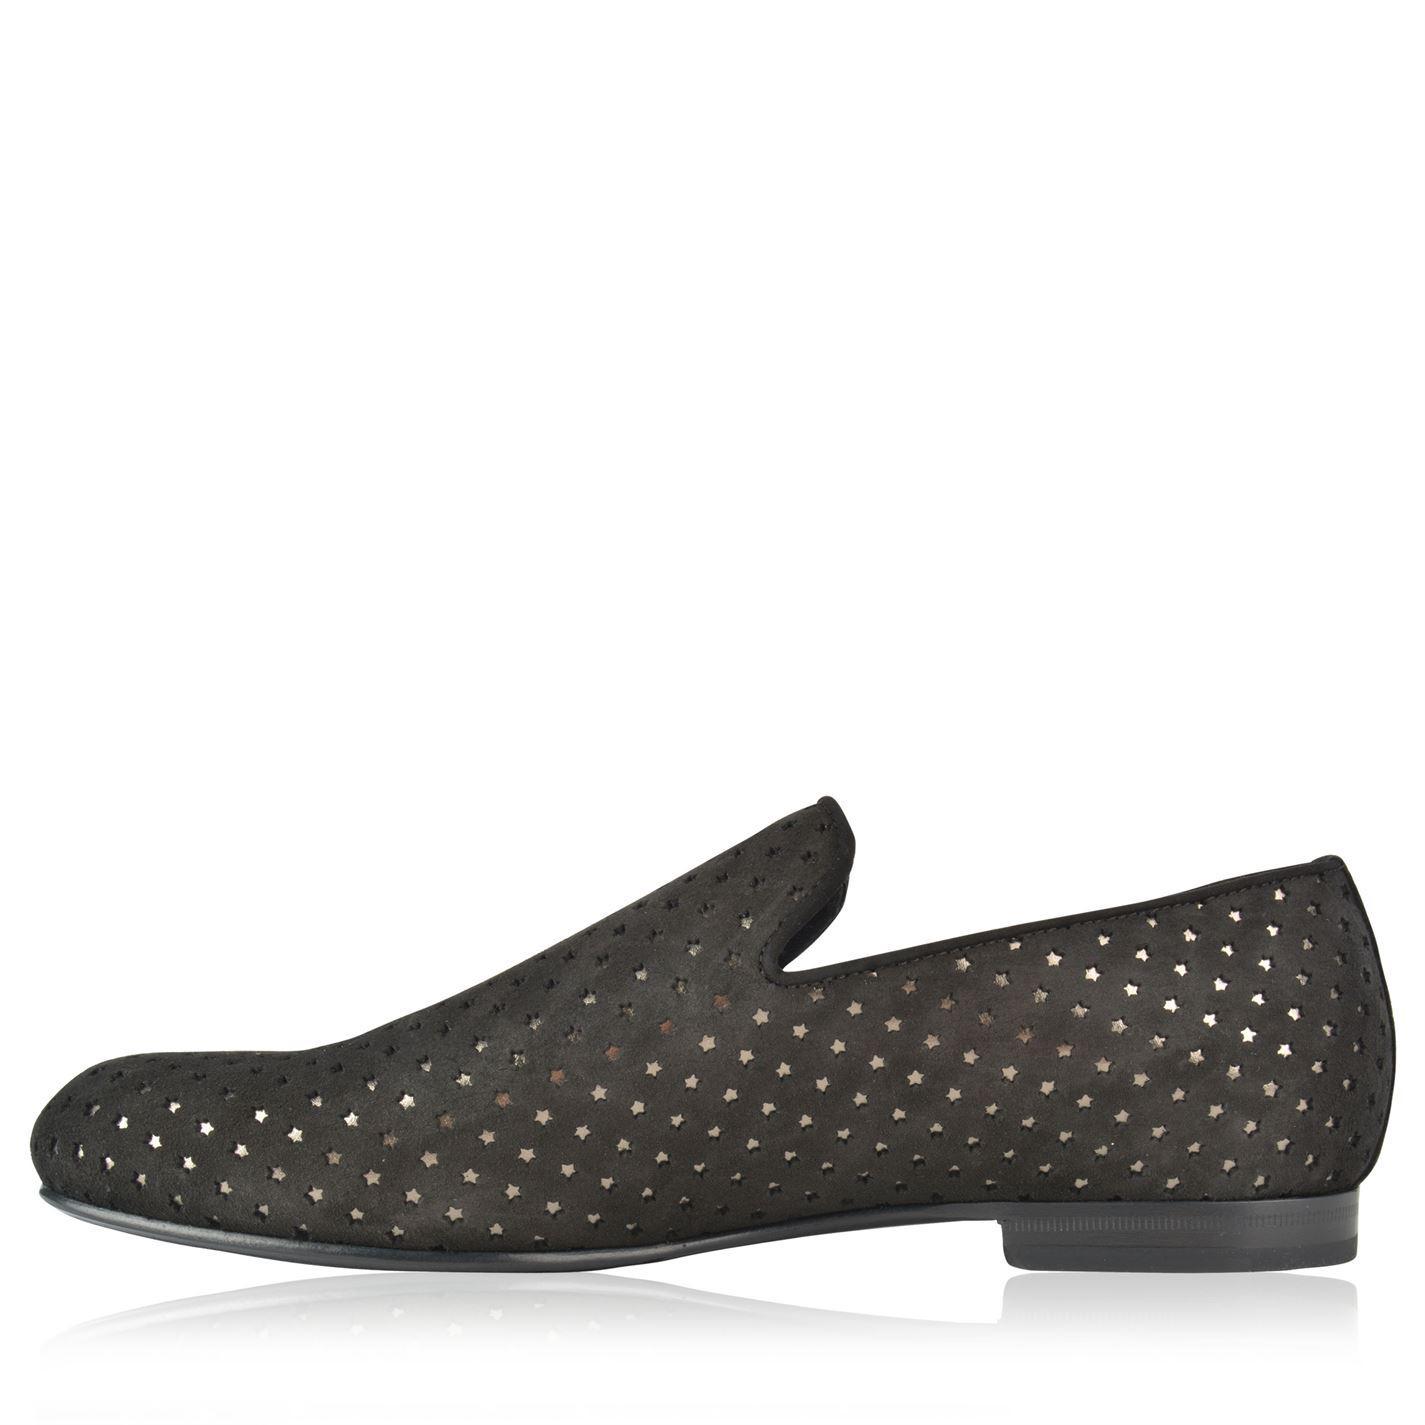 Carvil Roller M Mens Canvas Shoes Denim Update Daftar Harga Sepatu Casual Dress Men Gusten Black Hitam 41 View Fullscreen